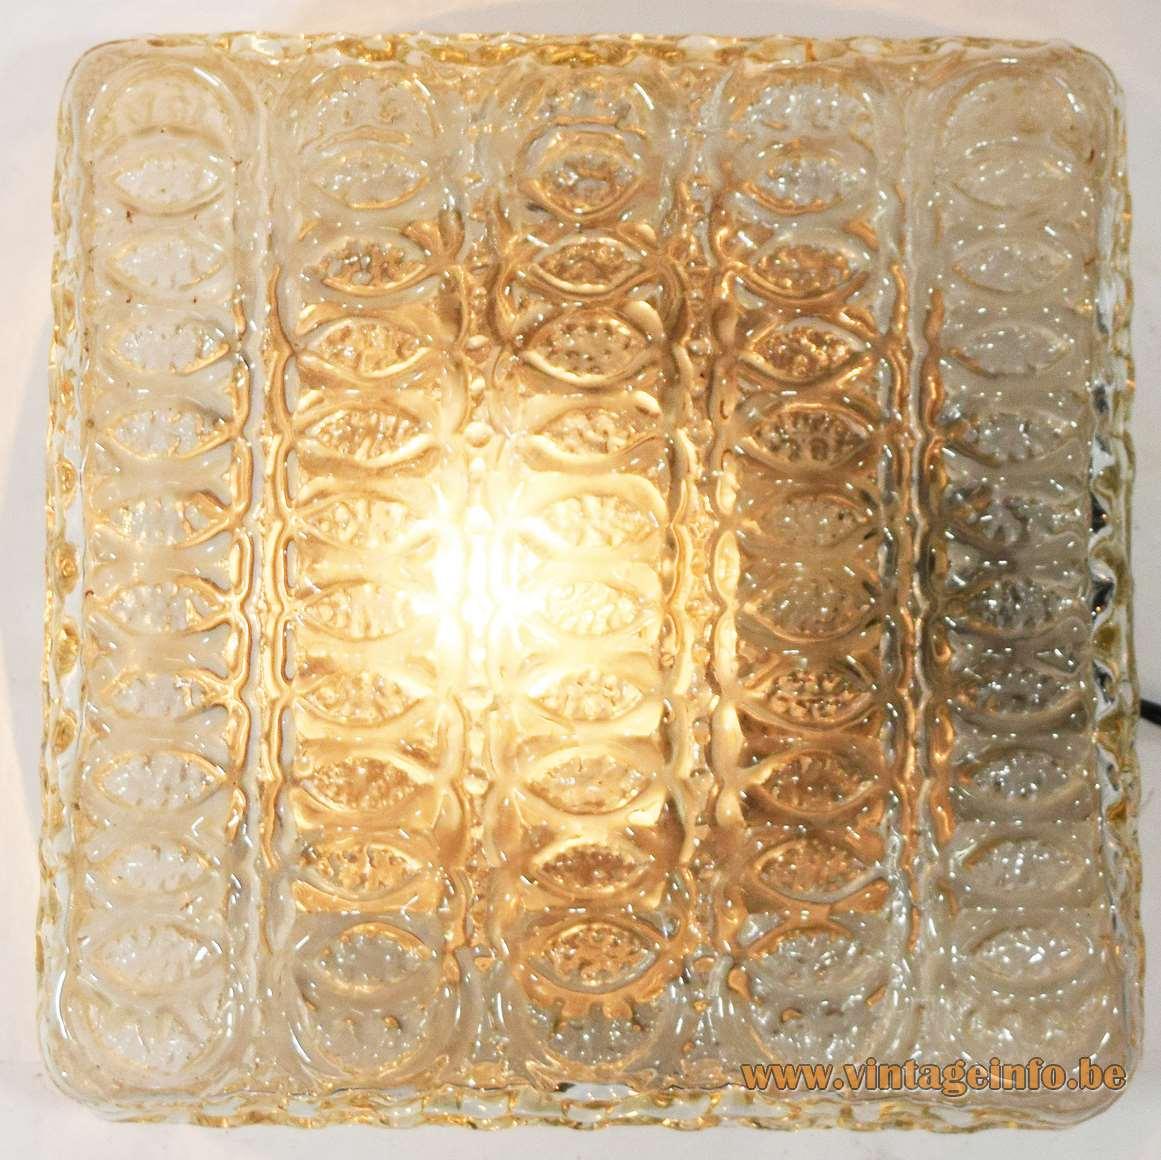 Square amber glass flush mount embossed ceiling lamp E27 socket 1960s 1970s Glashütte Limburg Germany